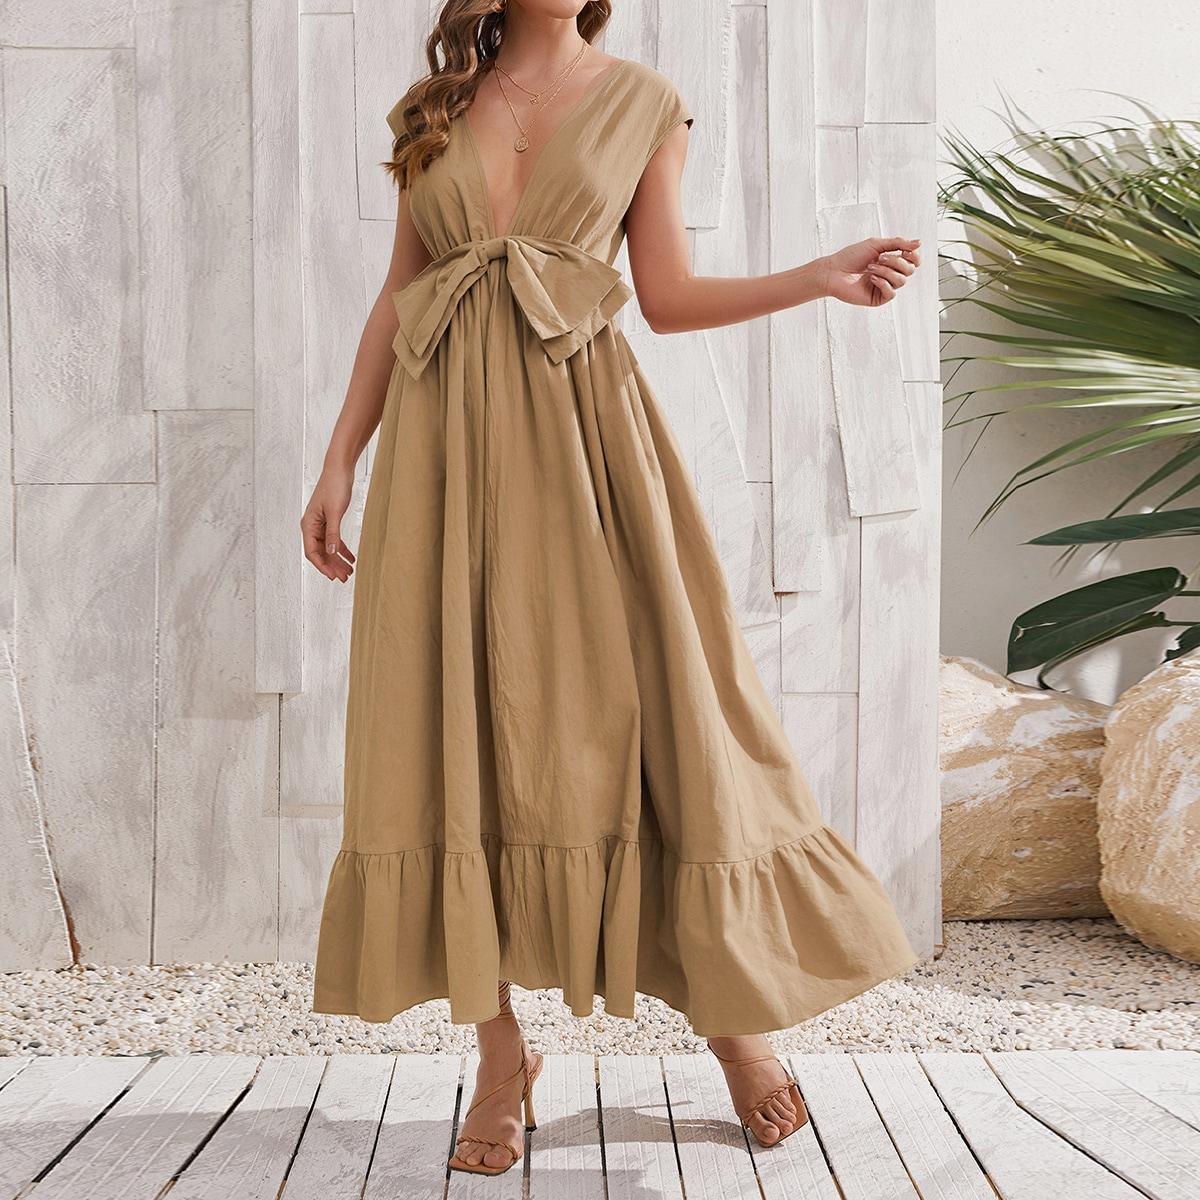 Платье с открытой спиной, бантом и глубоким воротником